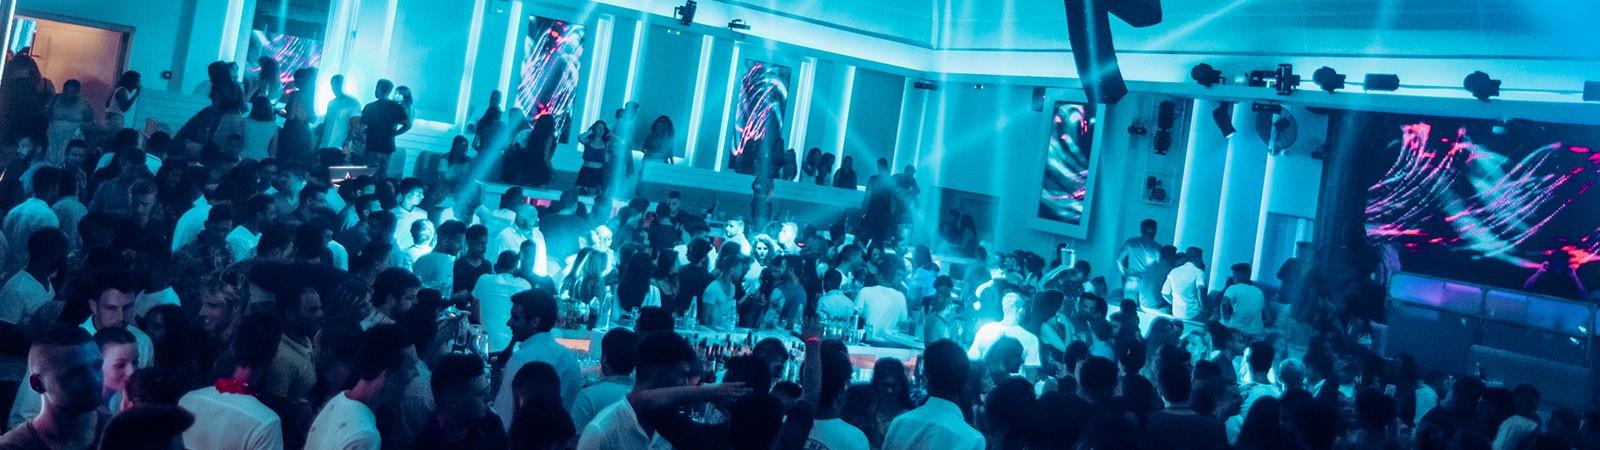 Club 54 - Tappa della vacanza di maturità a Corfù